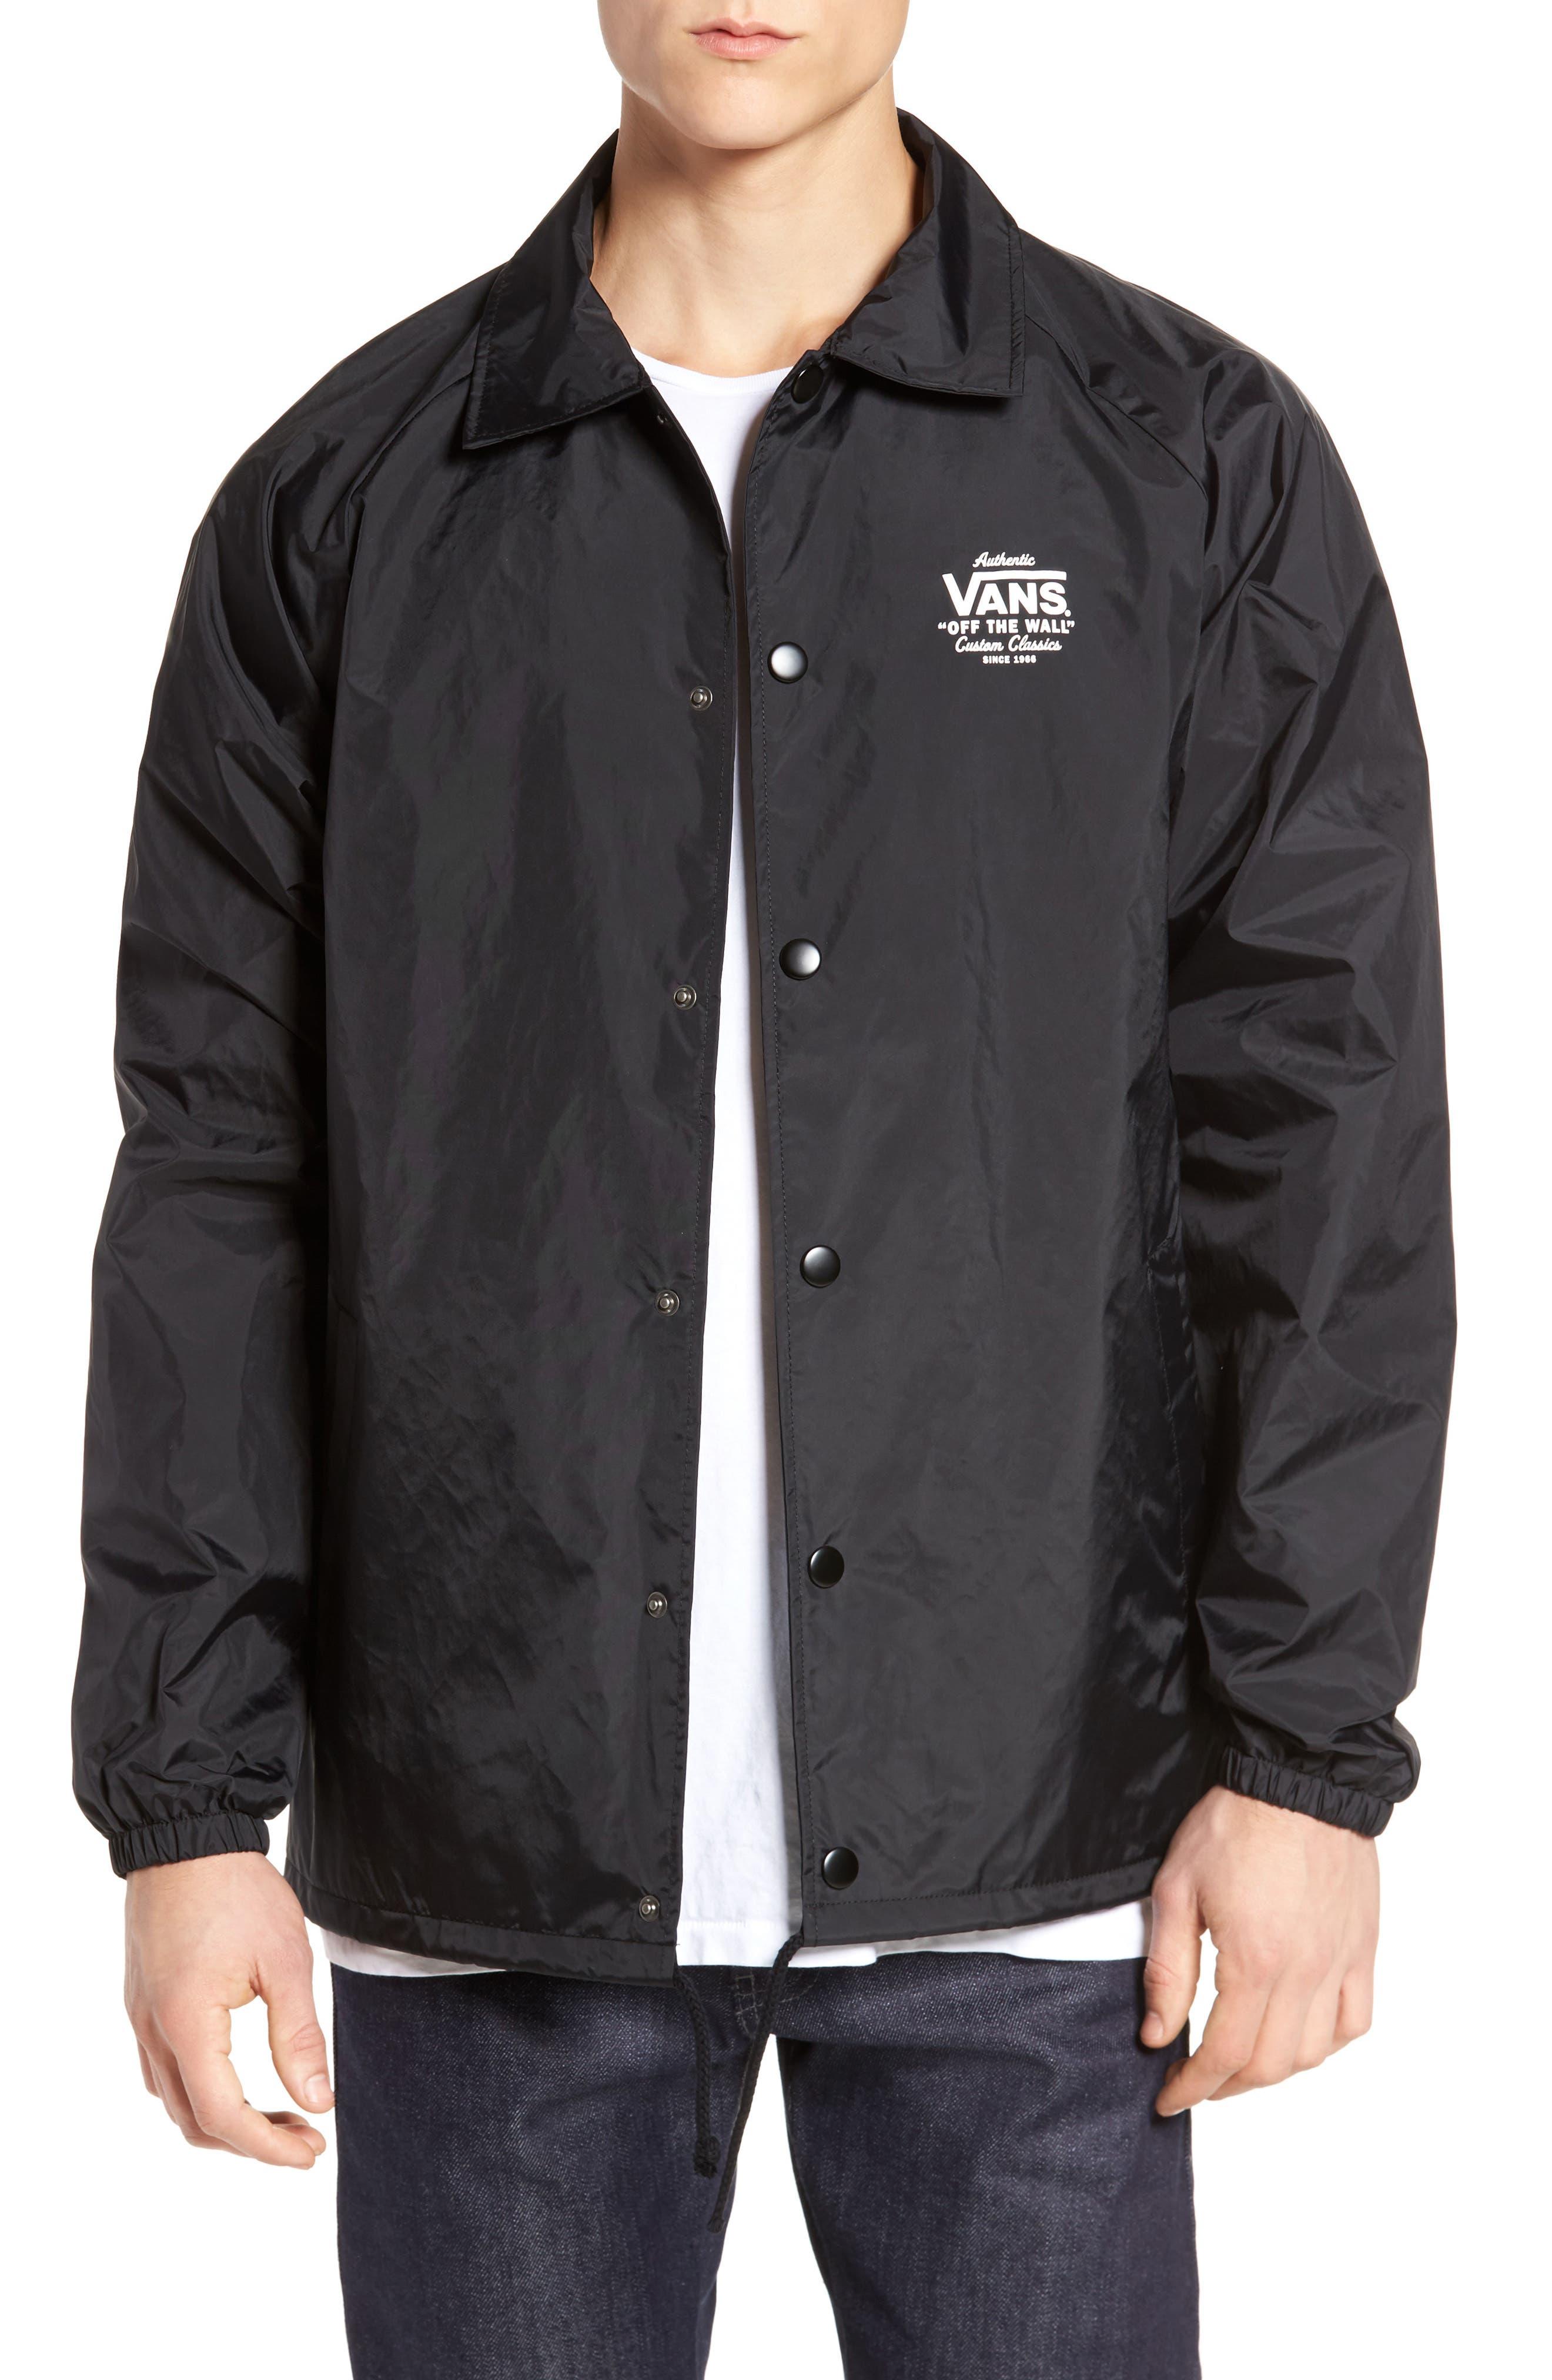 Alternate Image 1 Selected - Vans Torrey Water Resistant Jacket